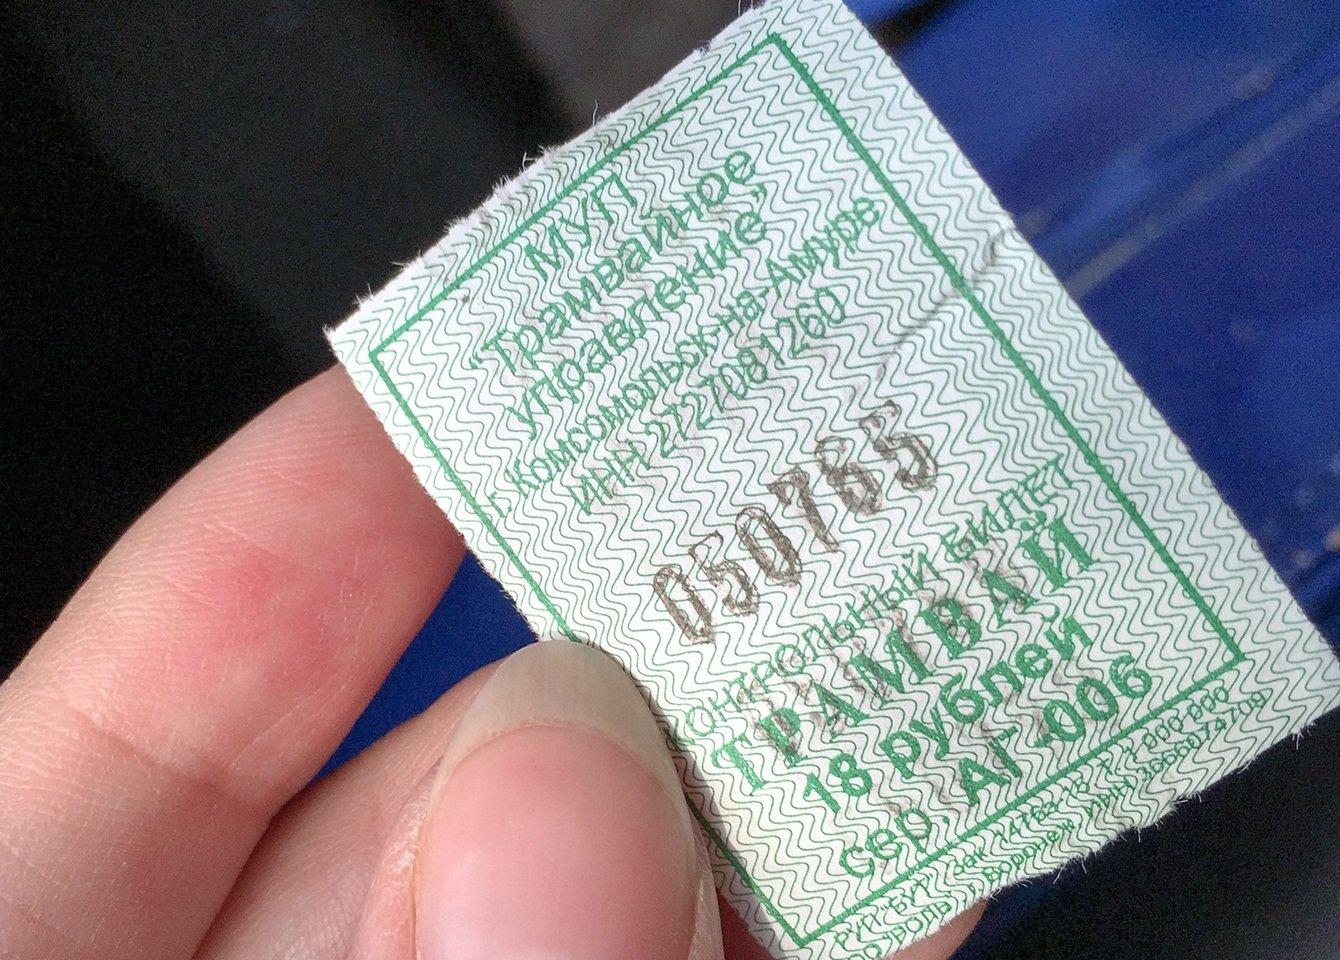 Заговор на семь трамвайных билетов